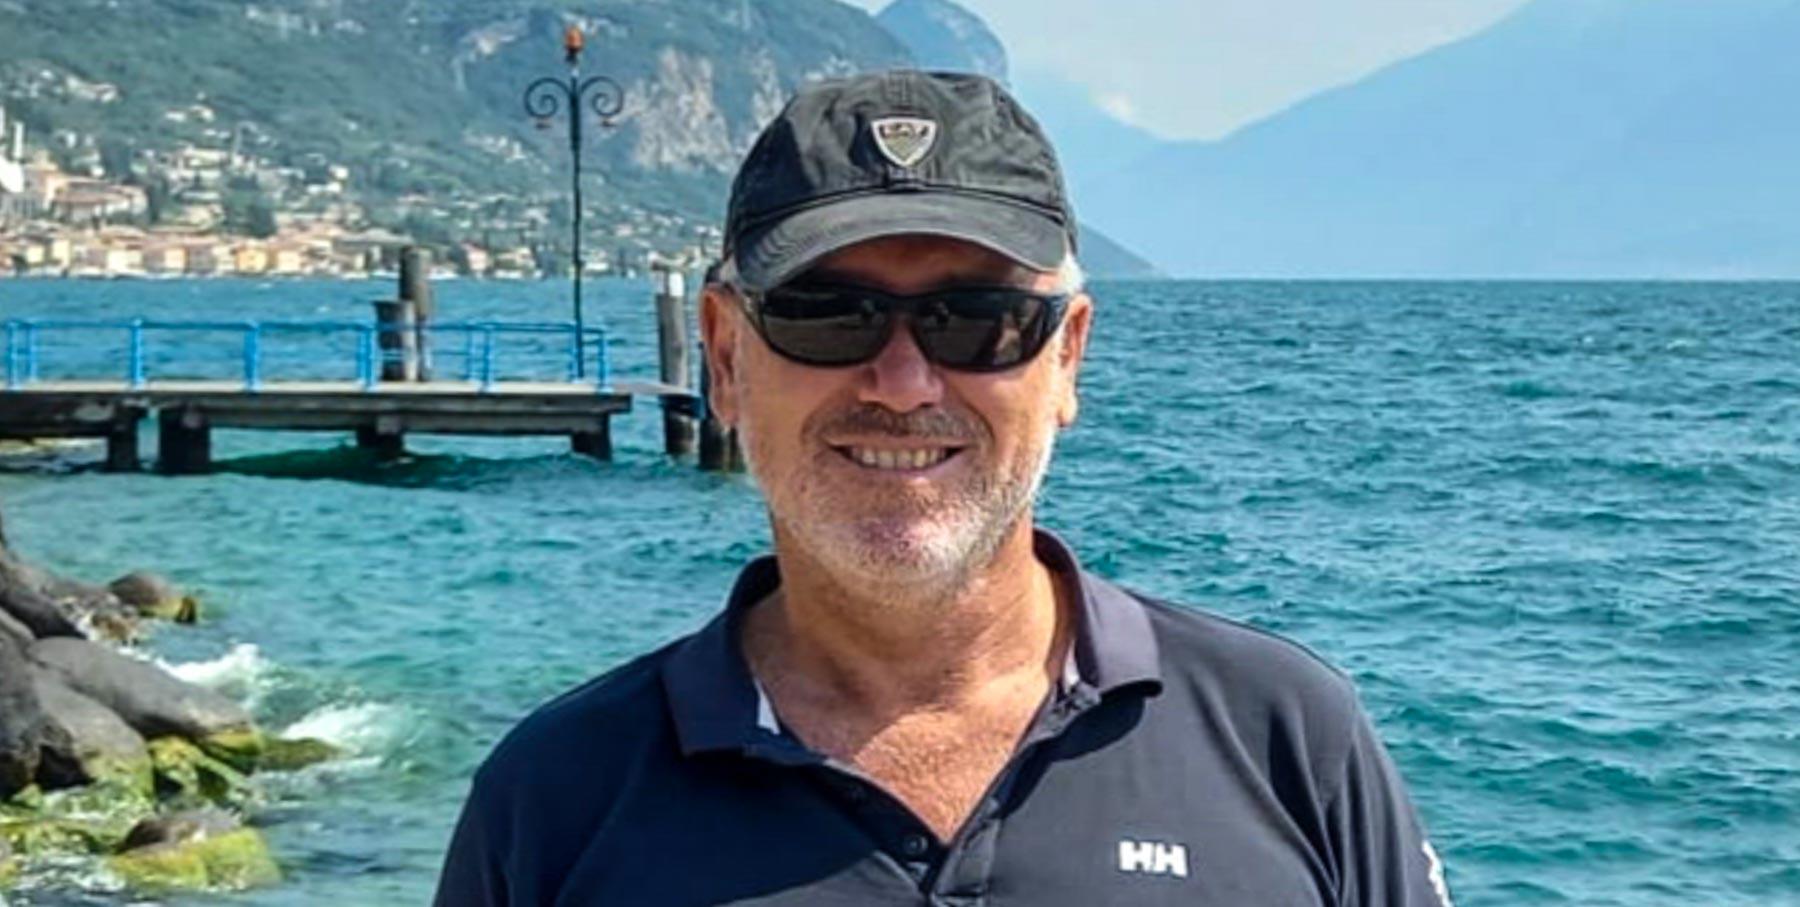 Ambaixadors del Club: Vicenç Batlle participa a l'Europeu Master ILCA 2021 a Itàlia